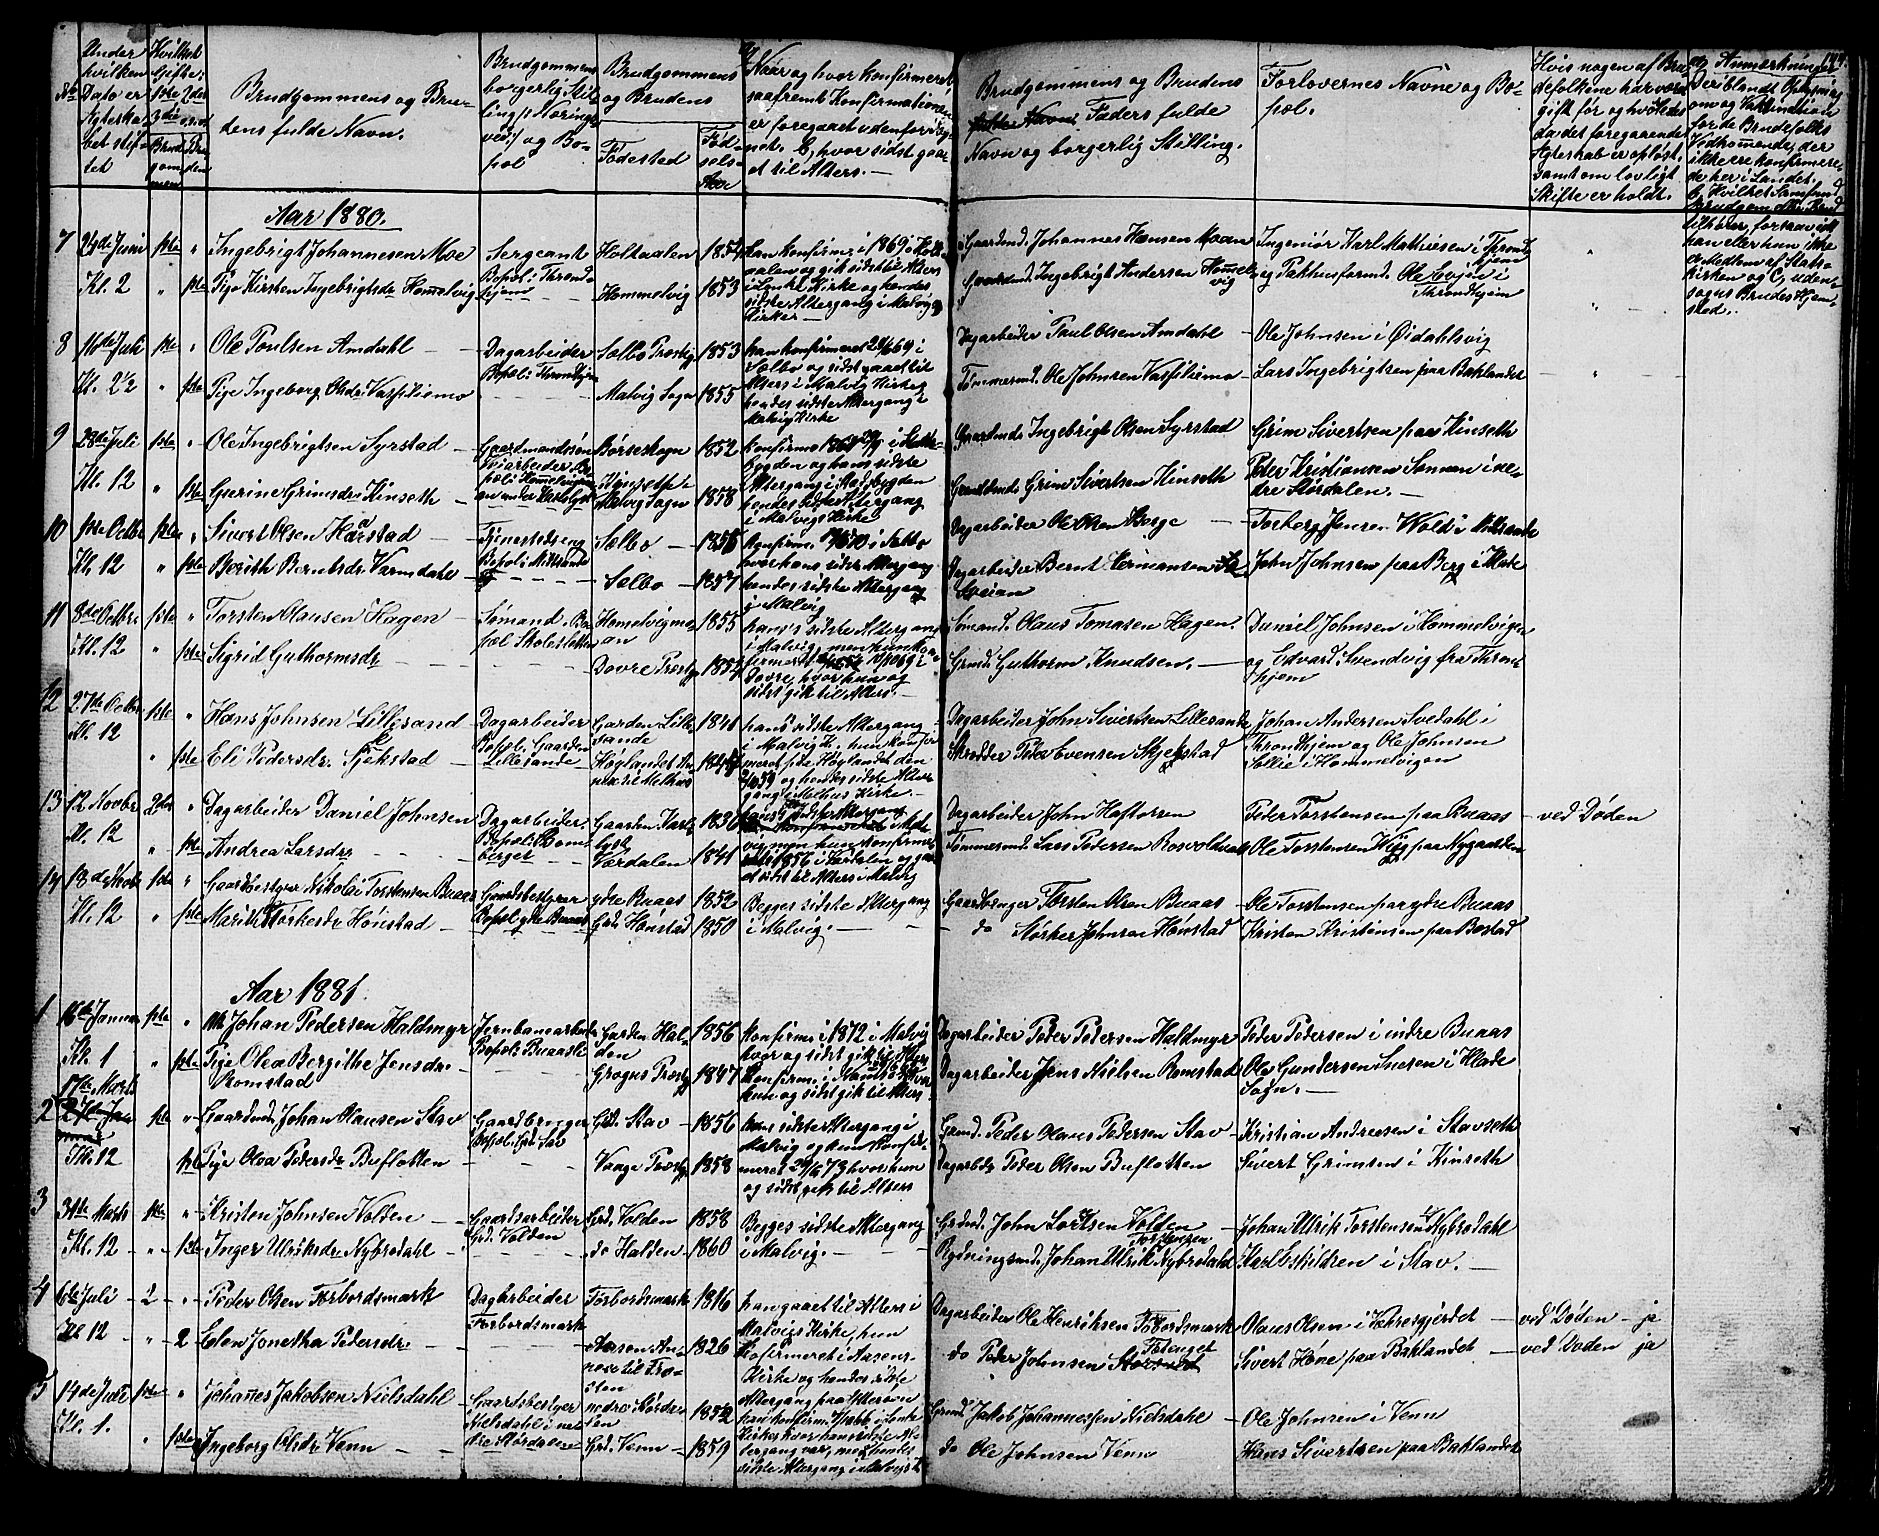 SAT, Ministerialprotokoller, klokkerbøker og fødselsregistre - Sør-Trøndelag, 616/L0422: Klokkerbok nr. 616C05, 1850-1888, s. 144